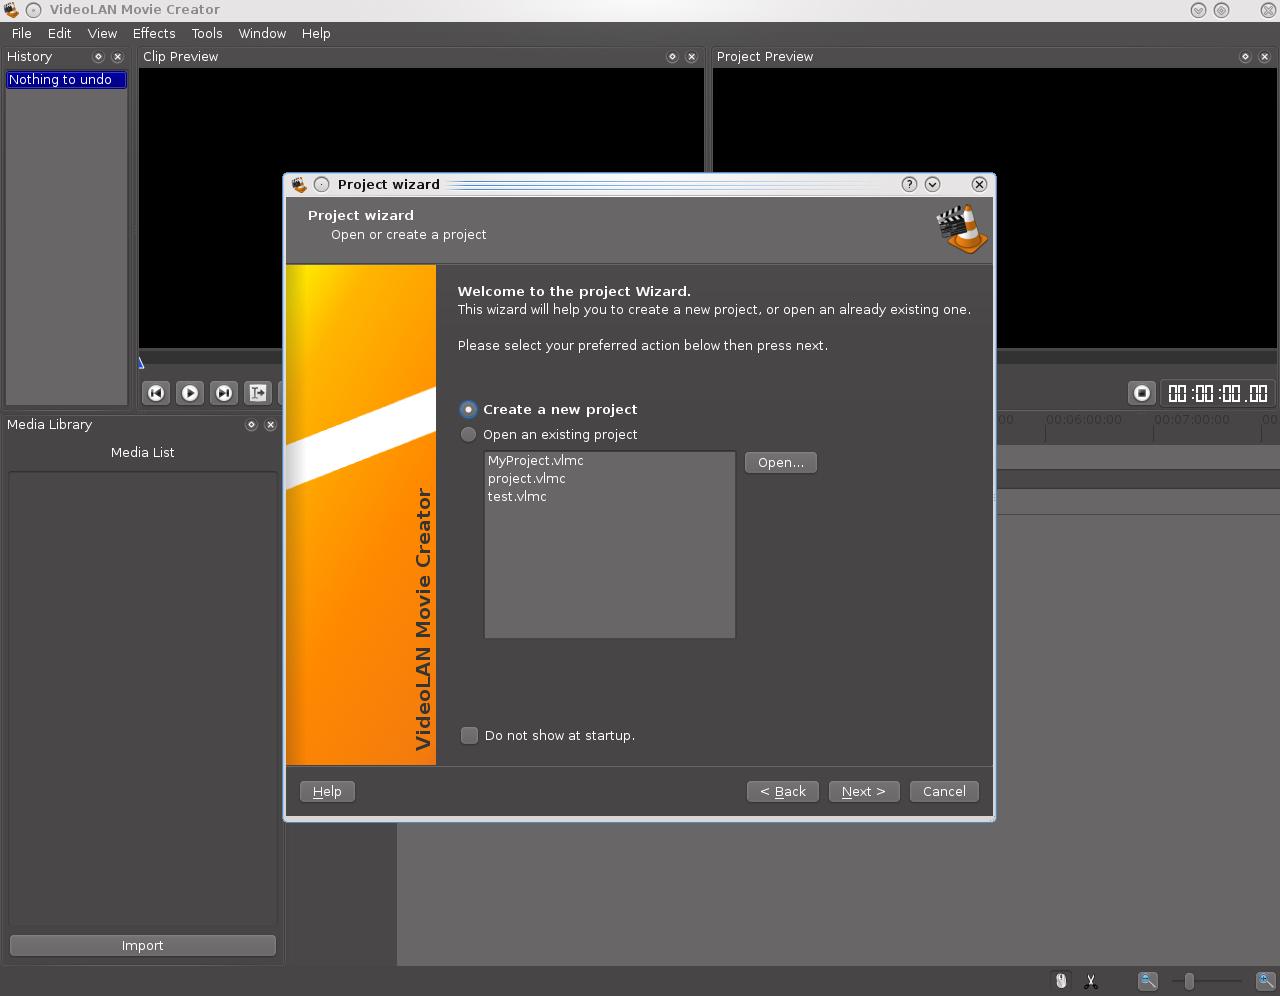 VLMC, open source video editor - VideoLAN